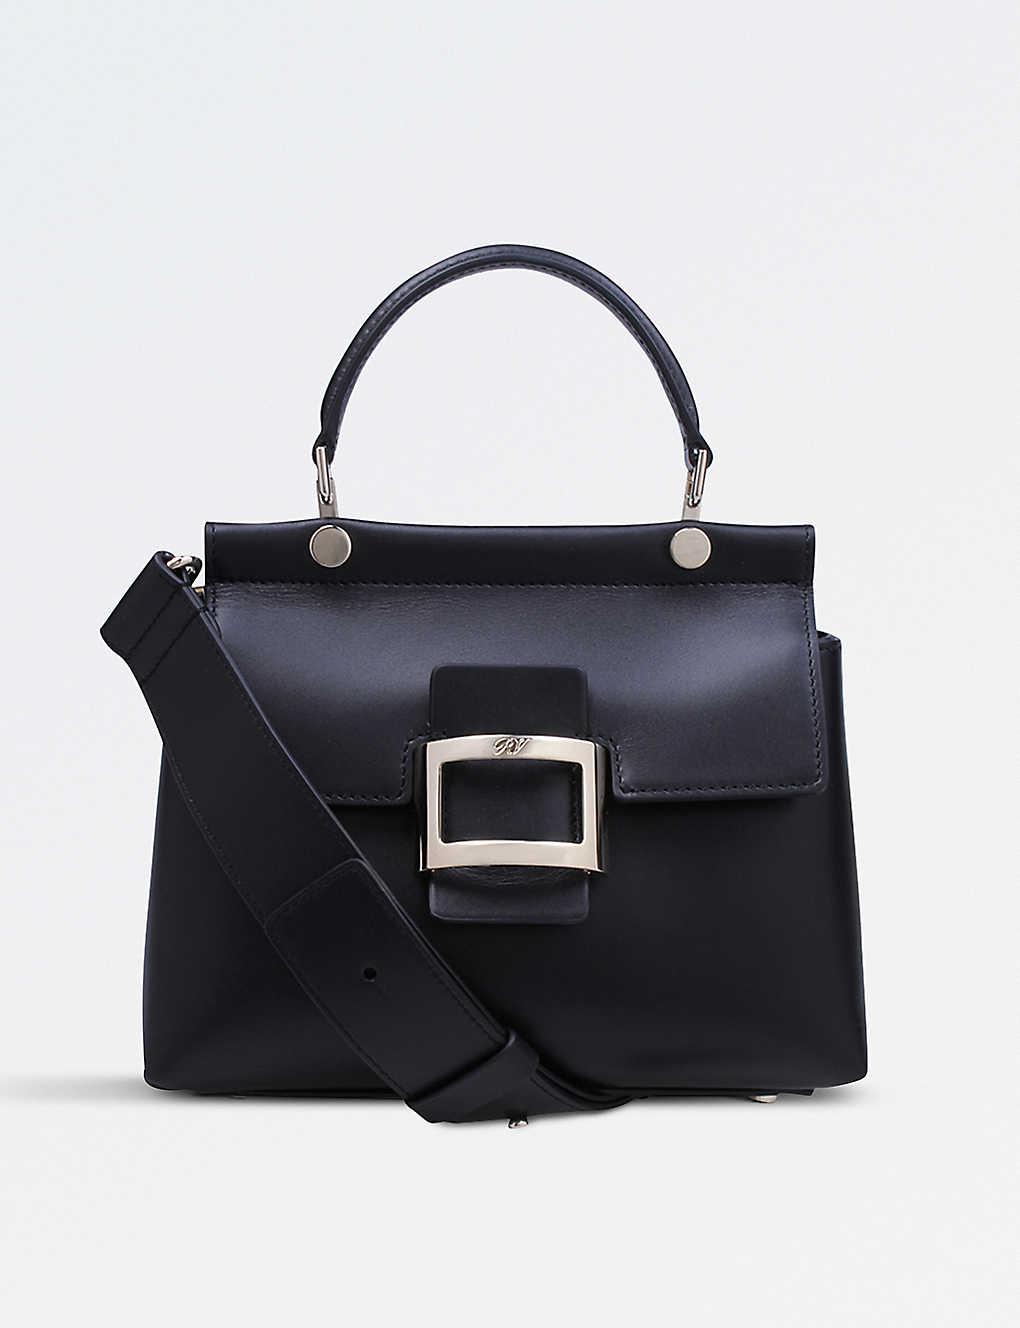 d20b6a8ab65 ROGER VIVIER - Viv' Cabas Leather Mini Shoulder Bag | Selfridges.com